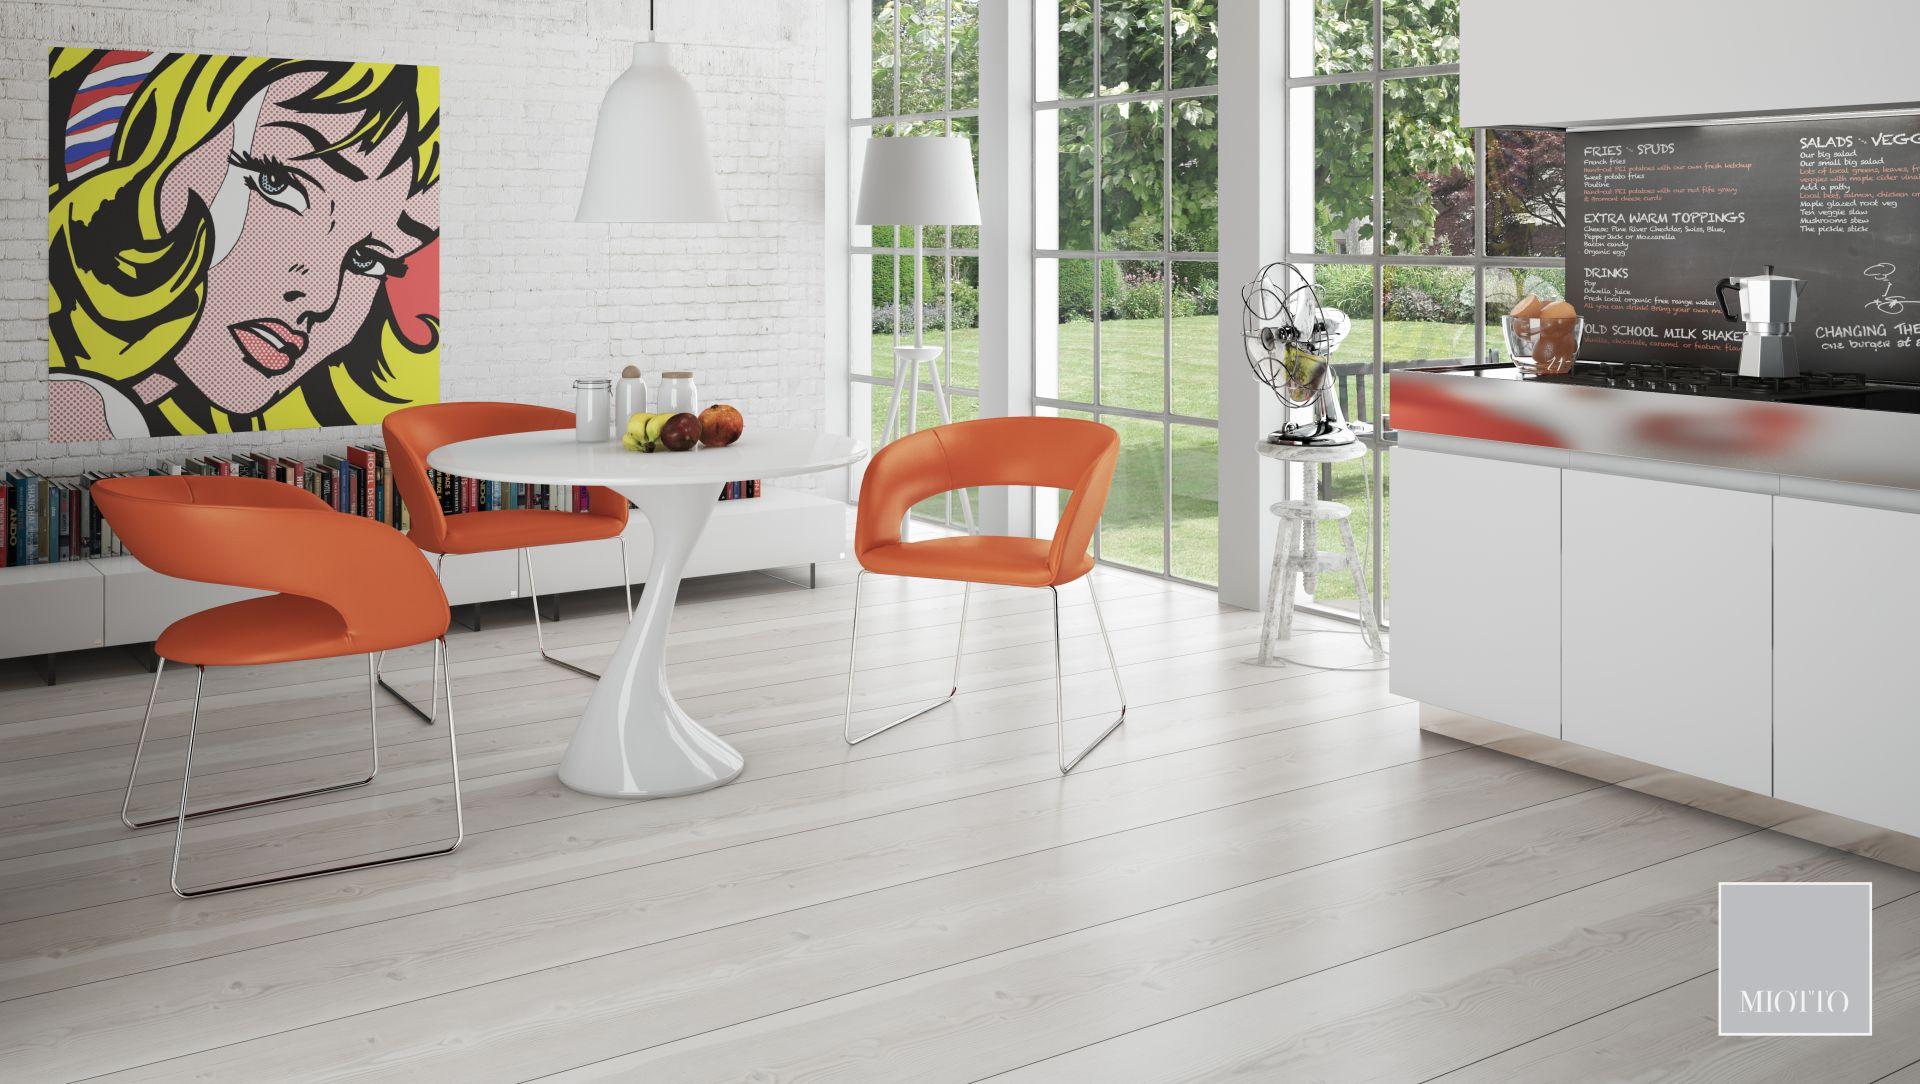 miotto_susa_aventino_0005_dining room_miotto design_furniture_web